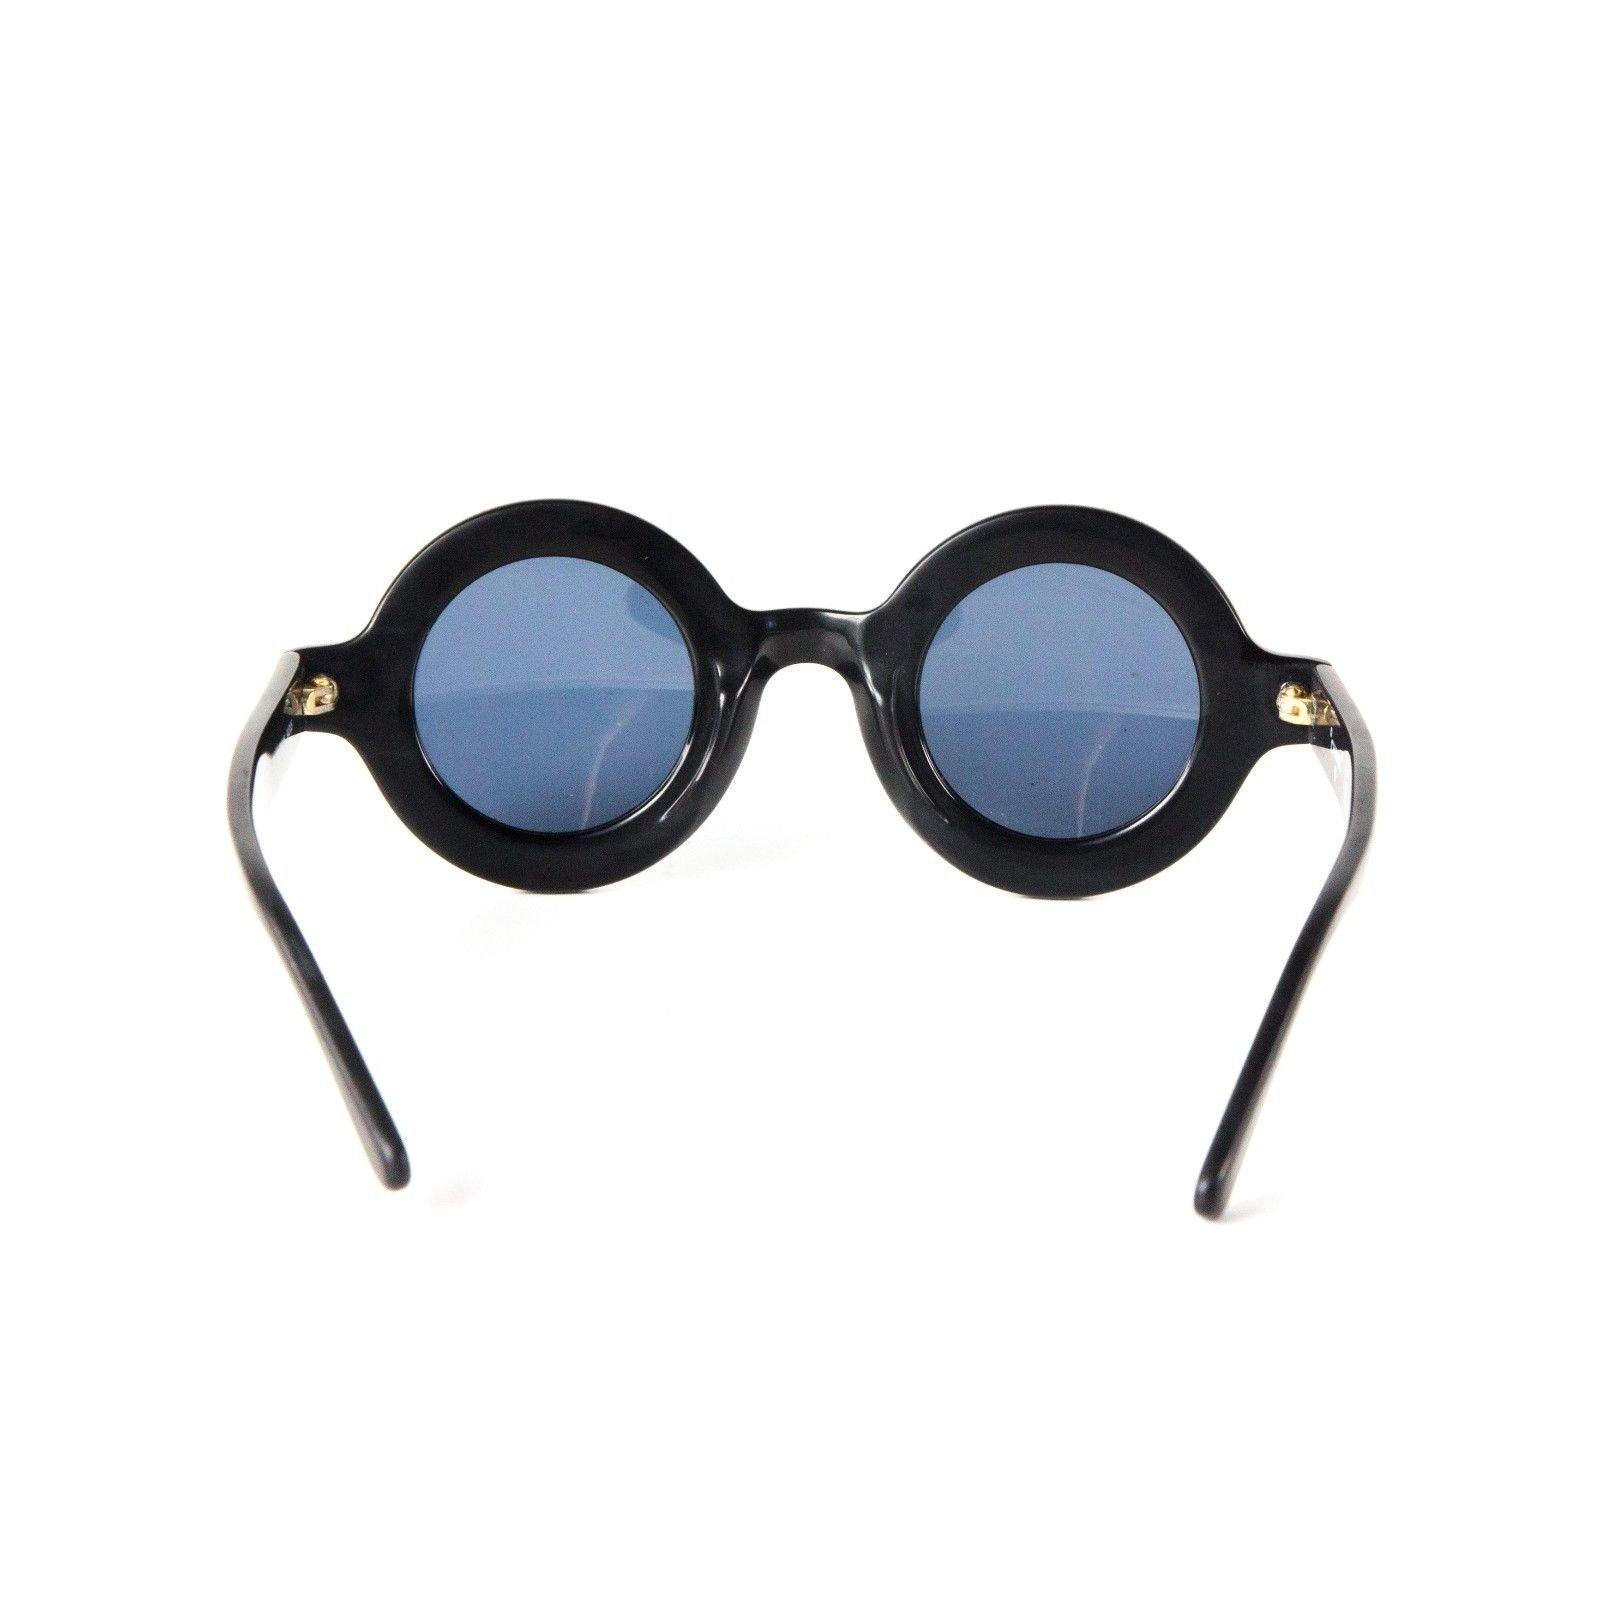 0ada4b09c43f8 Lunettes Chanel Chanel Lunettes de soleil rondes -Vintage Logo Autre Autre  ref.37099 - Joli Closet